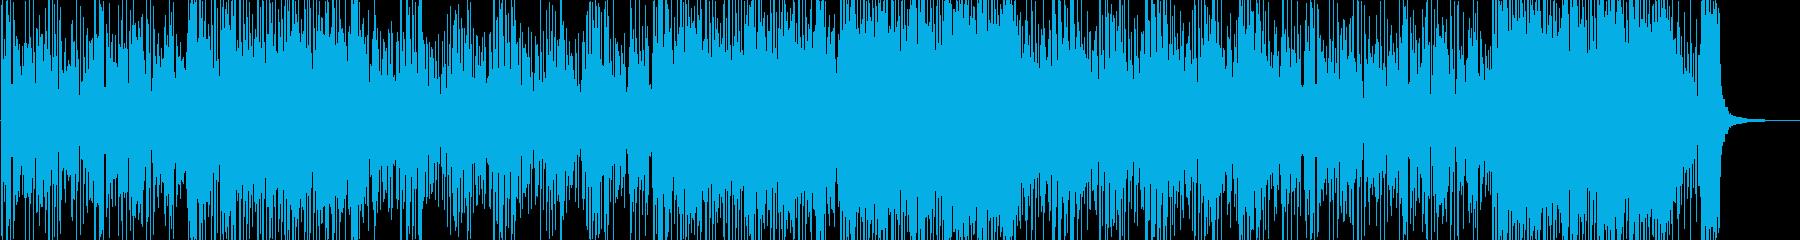 京都・大奥 琴がメインの和風BGMの再生済みの波形